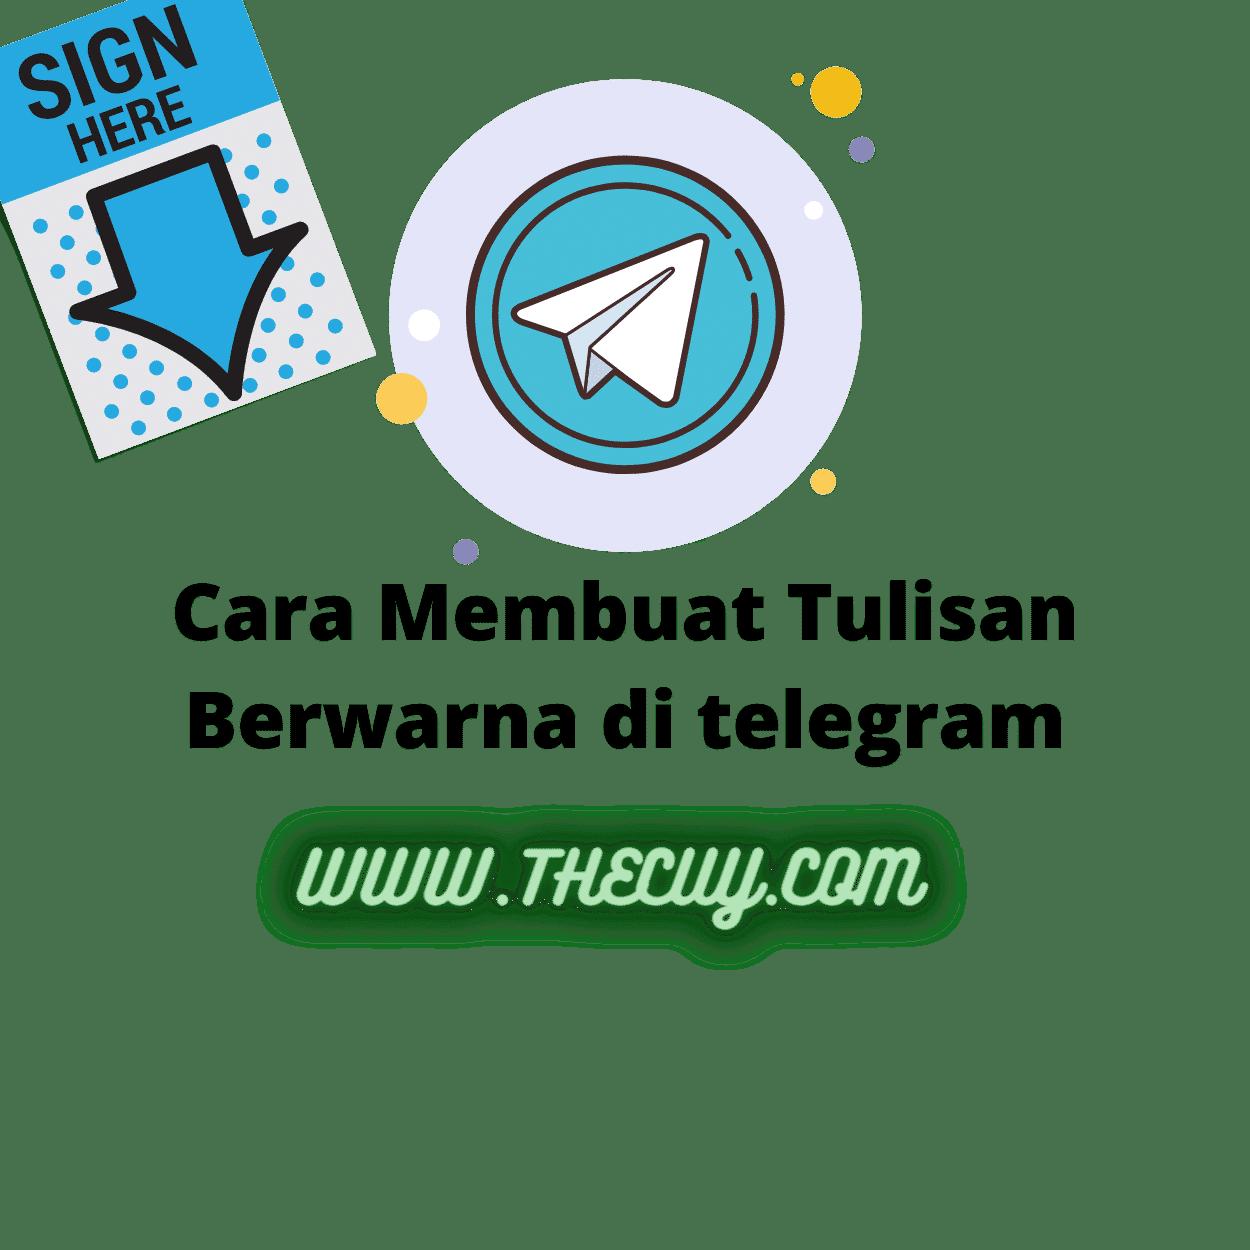 Cara Membuat Tulisan Berwarna di telegram